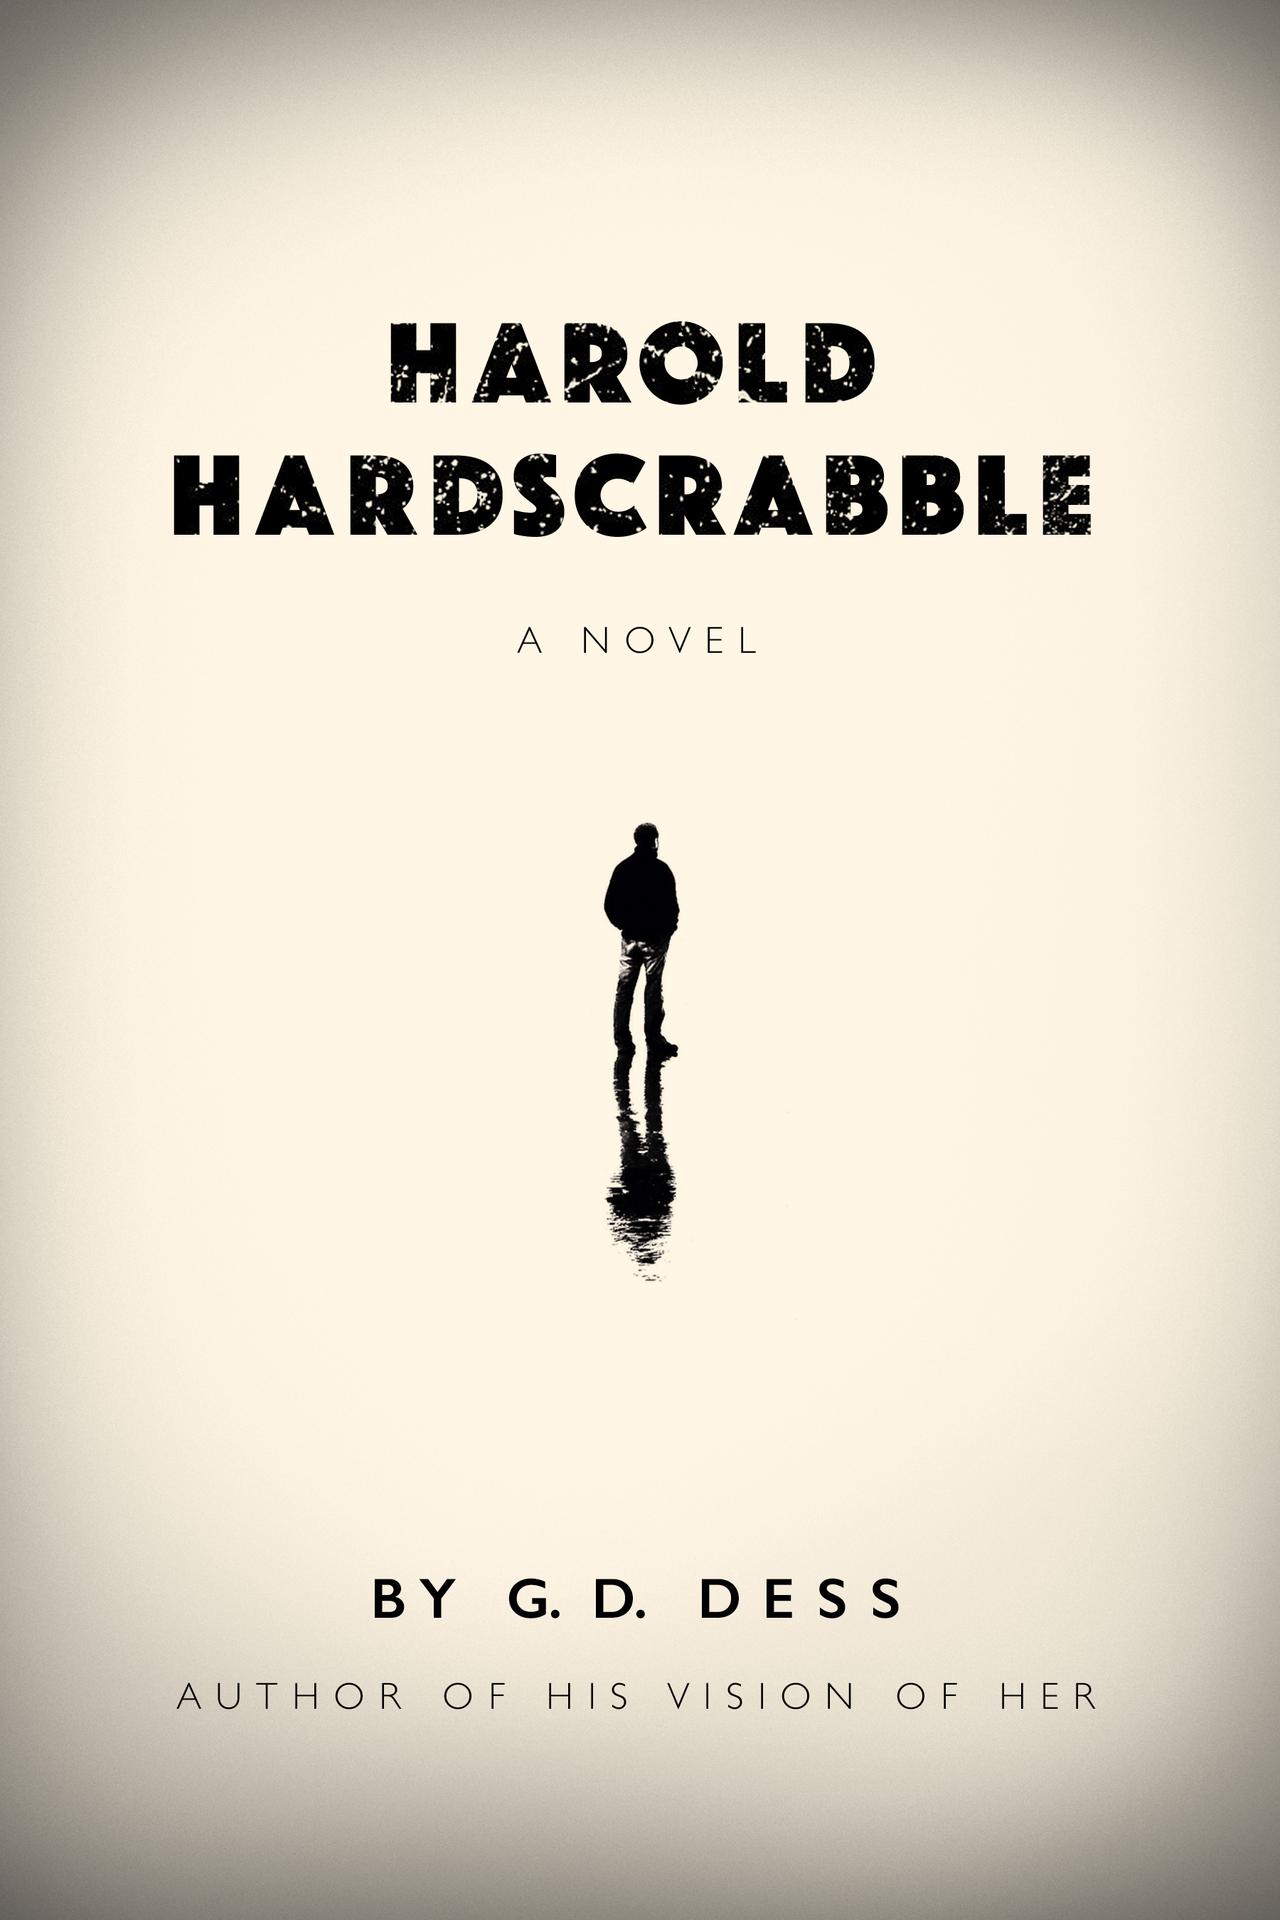 Harold hardscrabble bleed fin8 0302